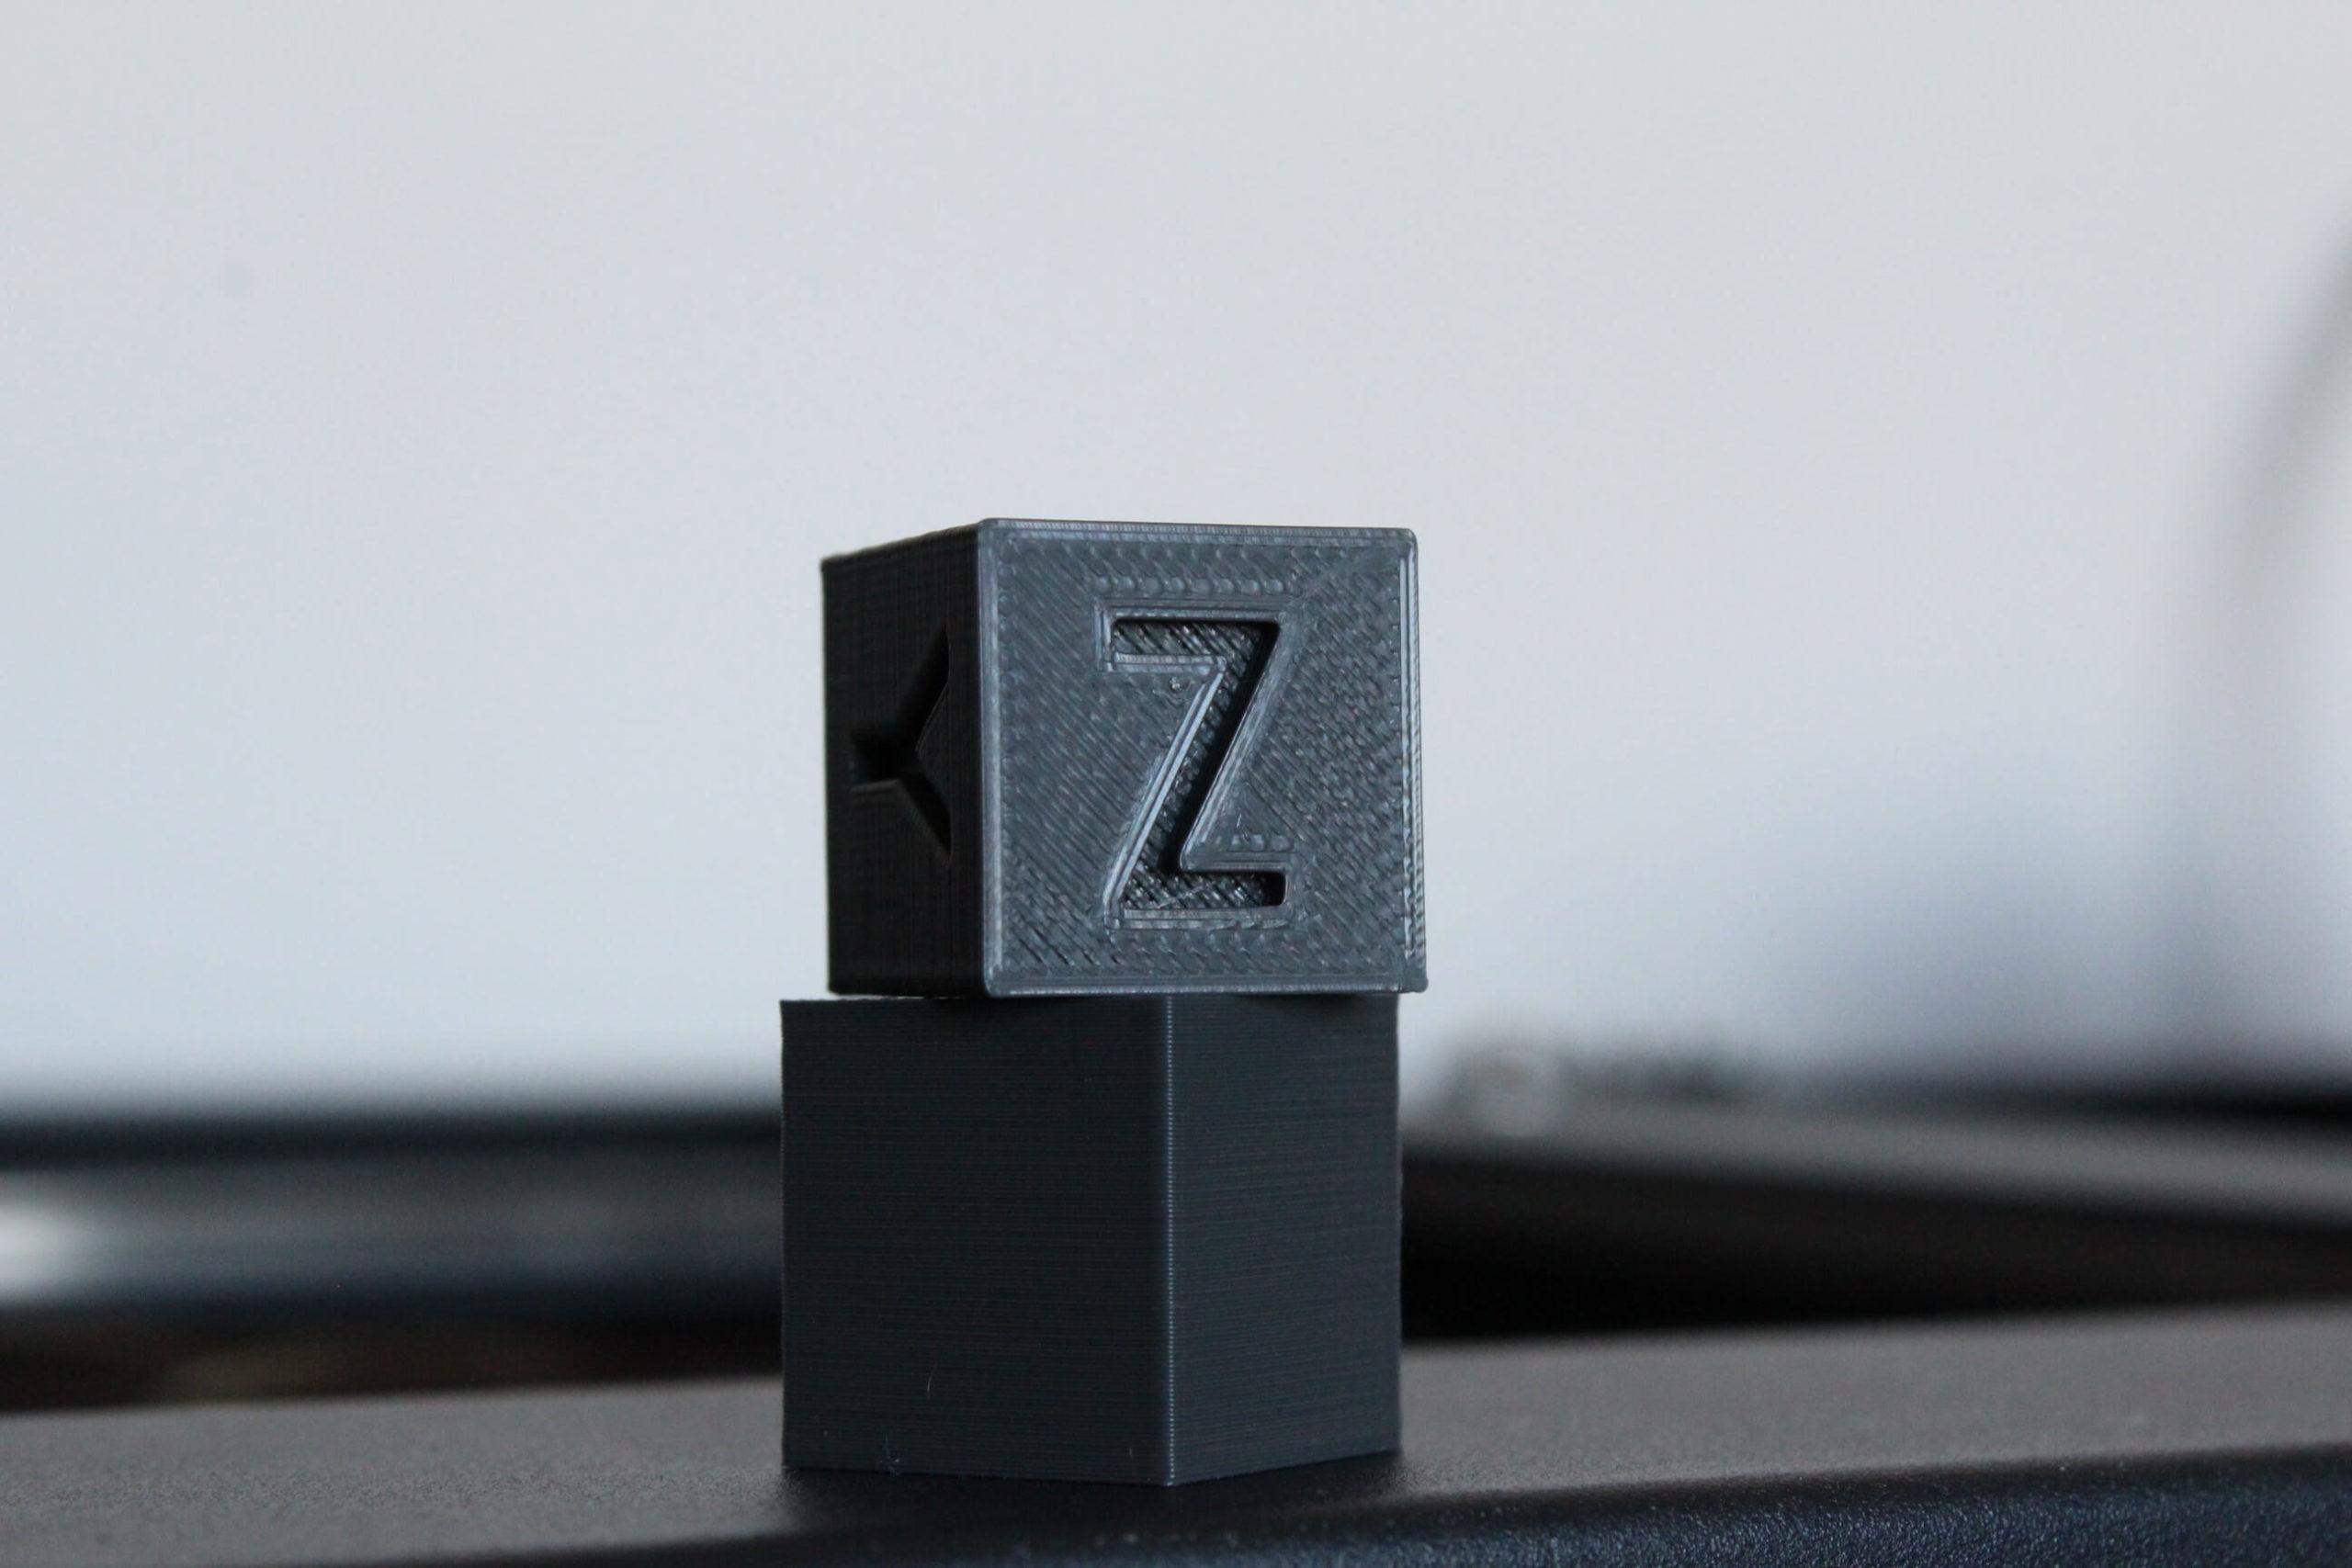 Calibration-Cube-Mingda-D3-Pro-Review-4